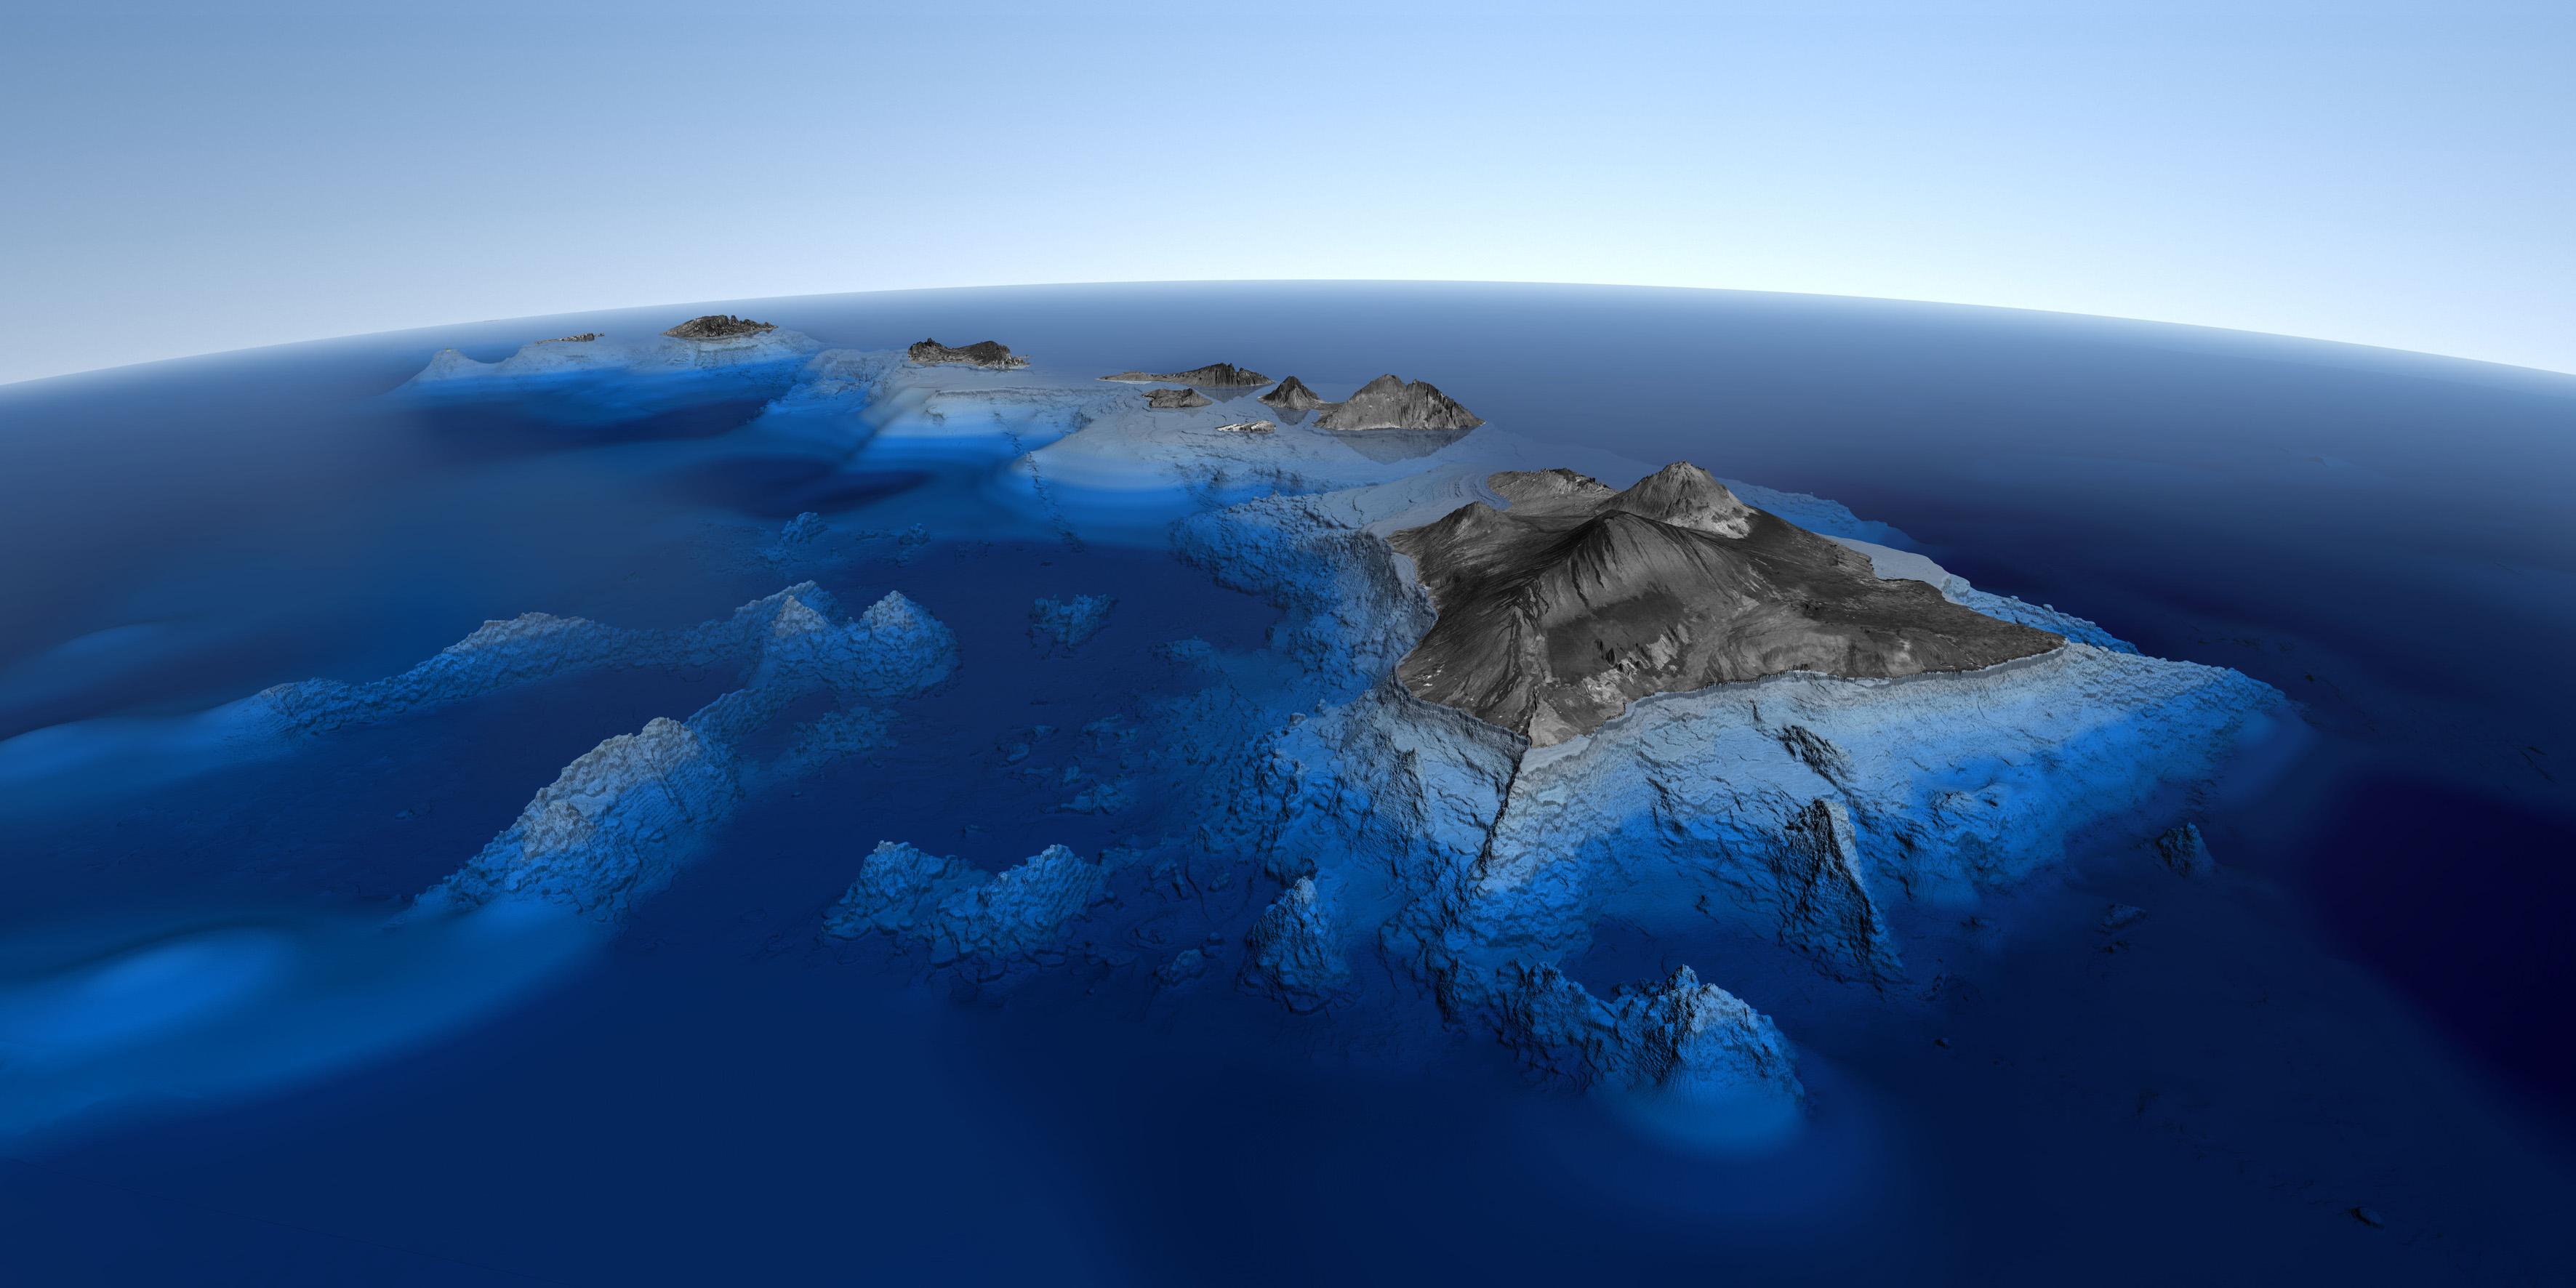 Dünyadaki en uzun dağın adı nedir? 1